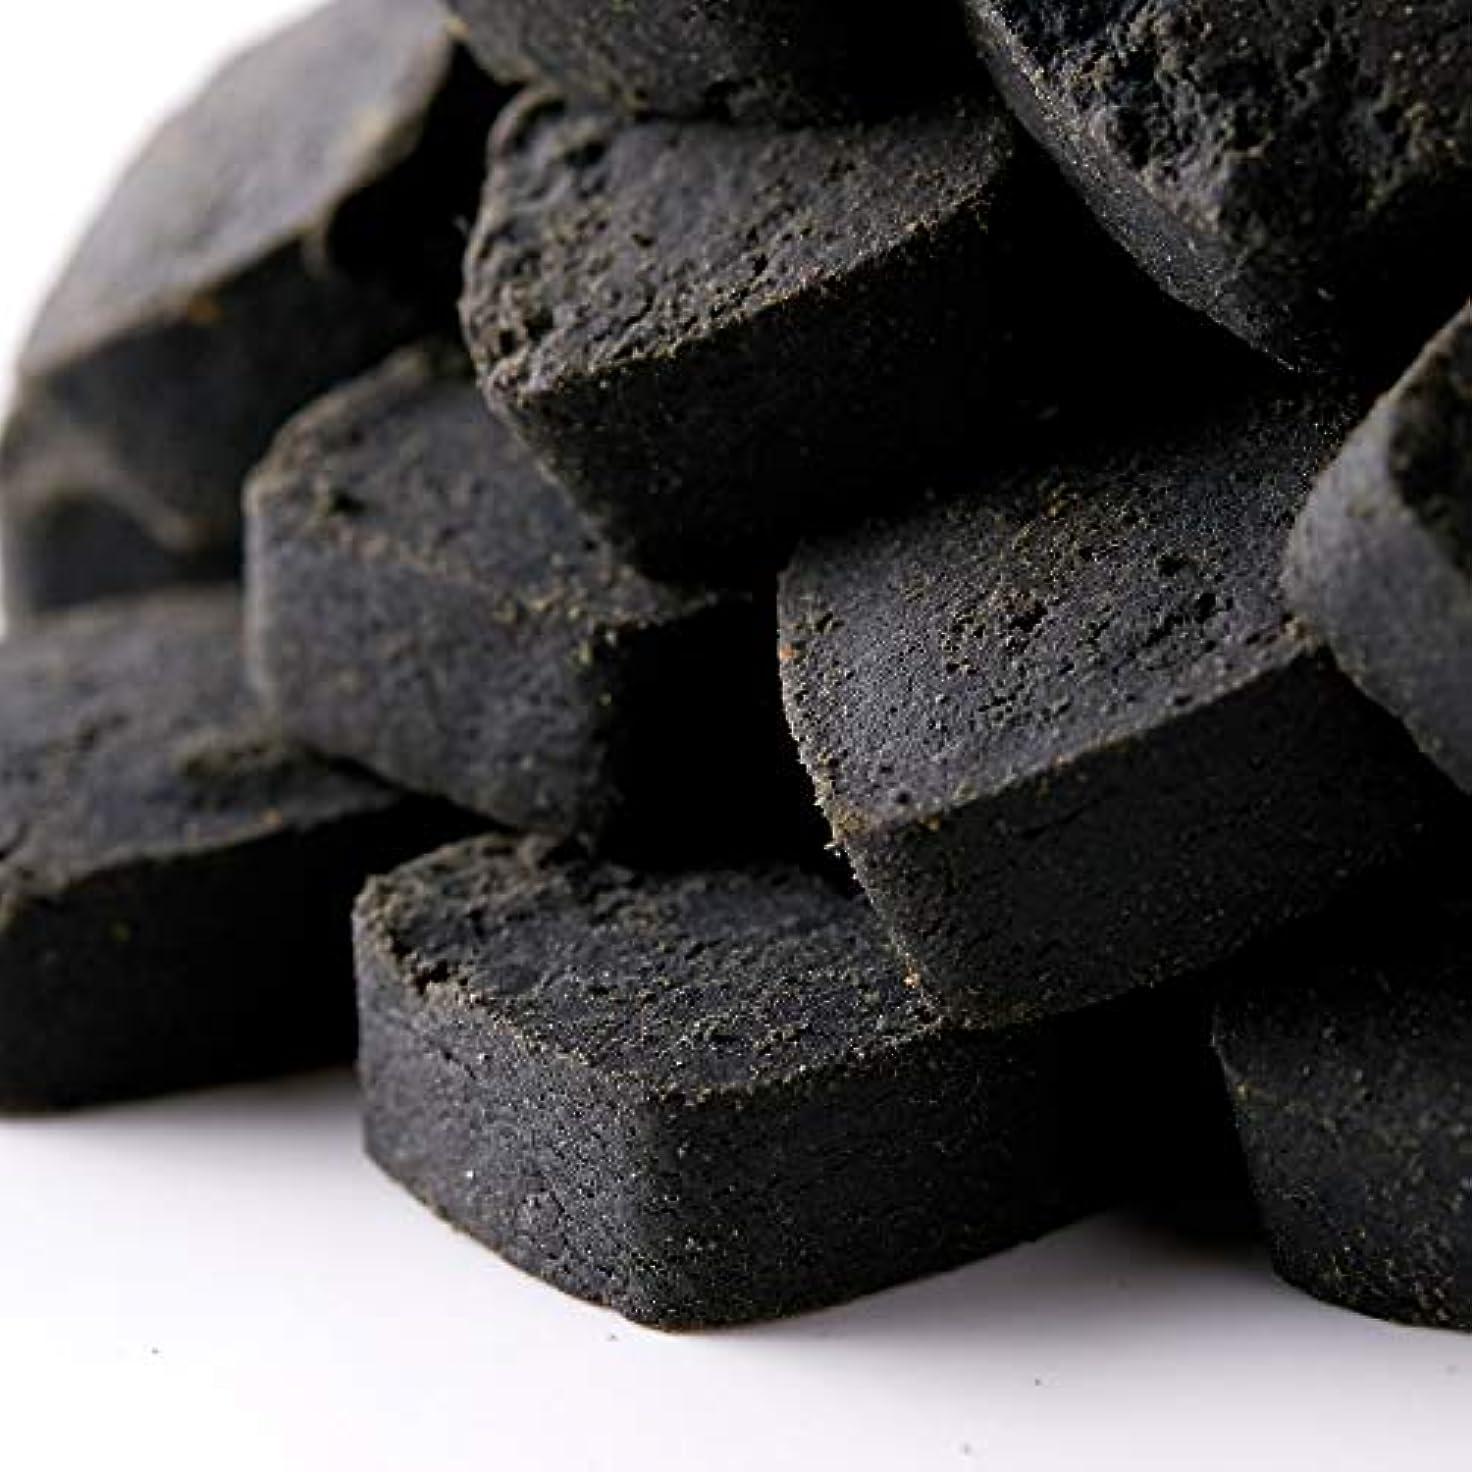 飢えた誰でも分解する竹炭パウダー使用 【訳あり】竹炭マンナン おからクッキー 1㎏ (竹炭マンナン, 500x2)